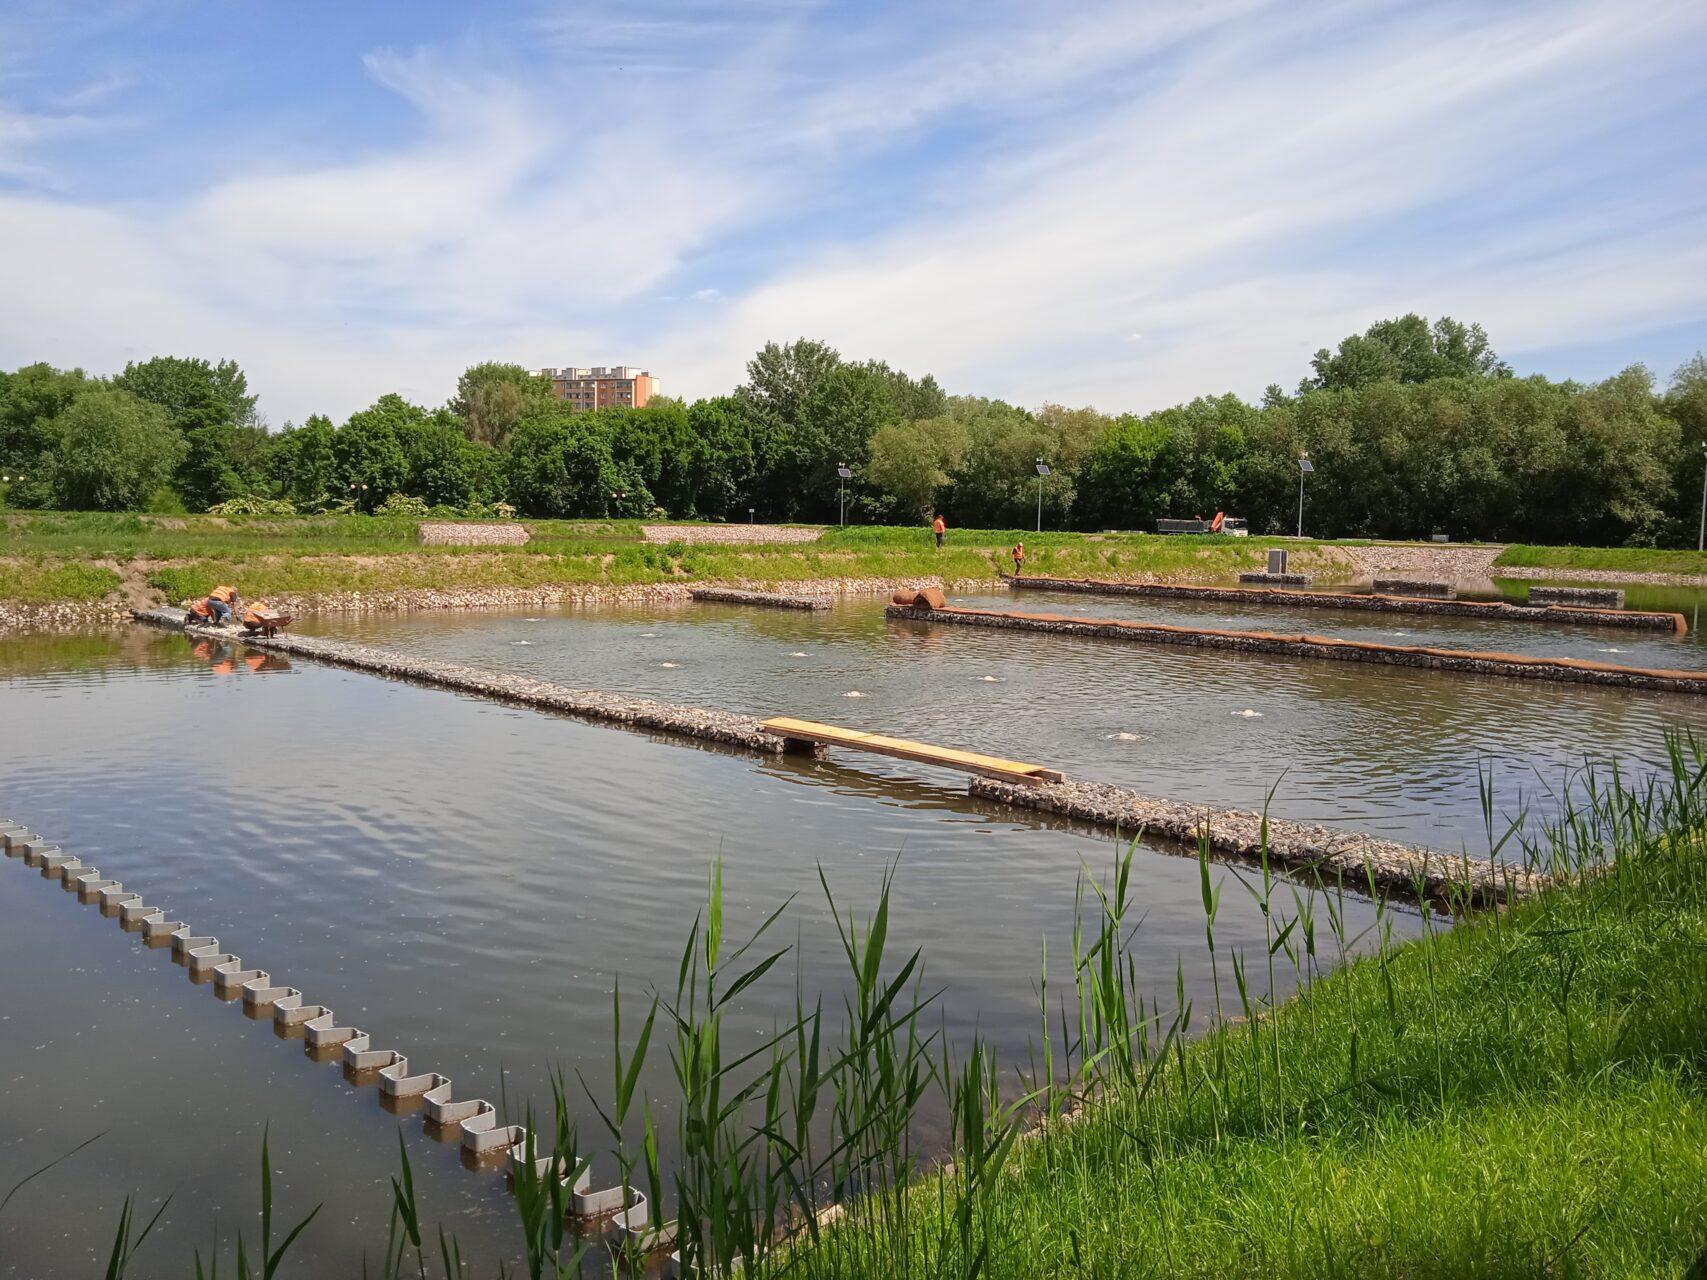 zalew w Borkach - hydrotechnika